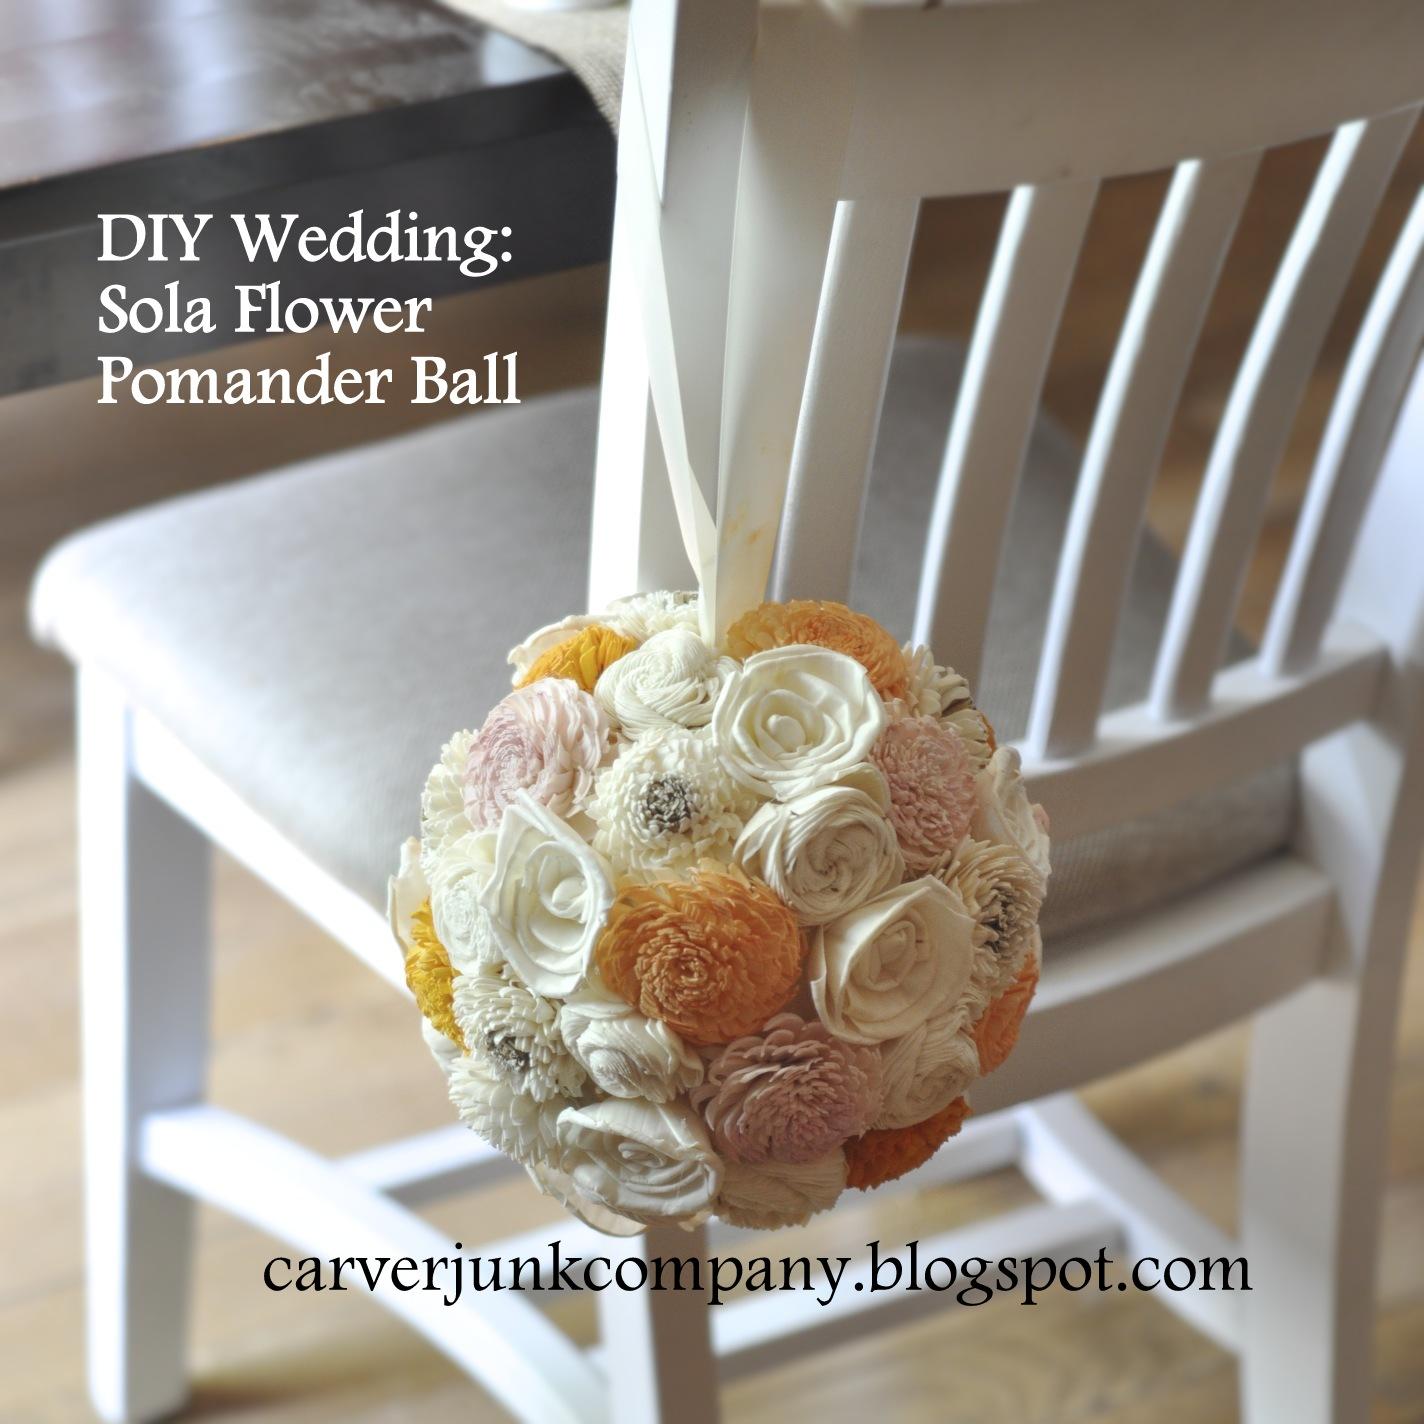 Carver junk company diy wedding decor sola wood flower pomander balls diy wedding decor sola wood flower pomander balls izmirmasajfo